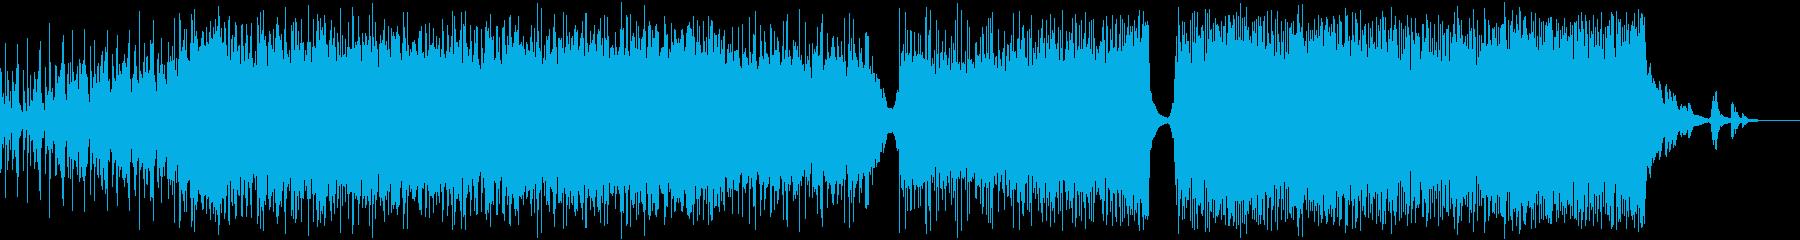 イージーリスニング-ニューエイジイ...の再生済みの波形